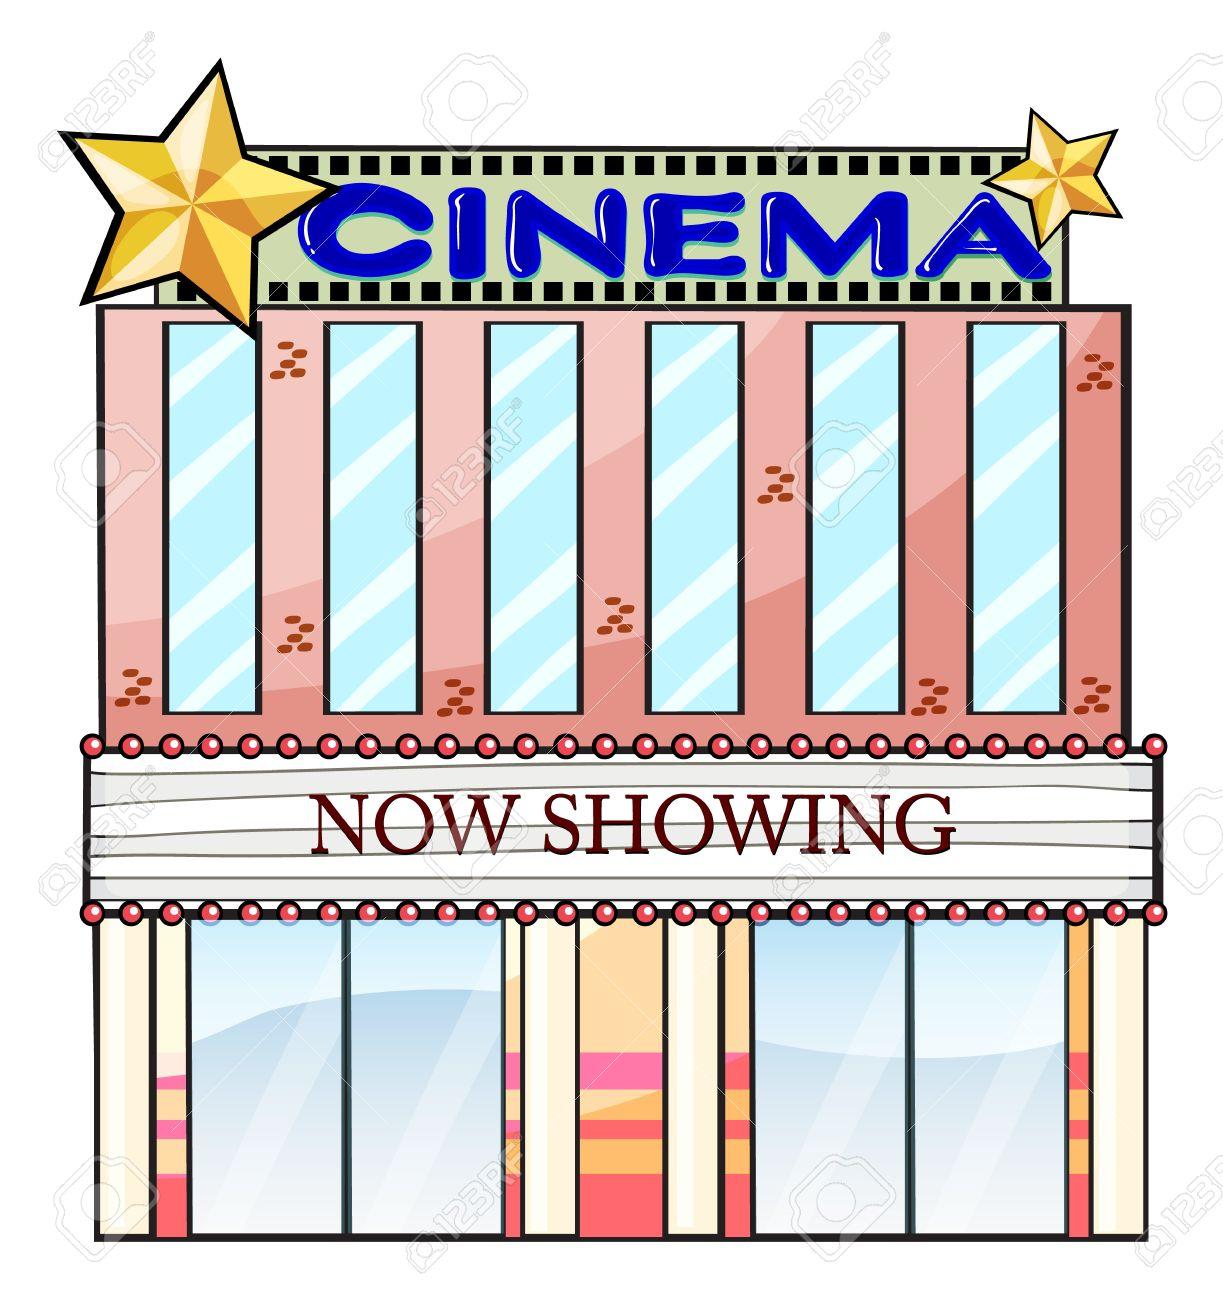 Places clipart cinema building #2